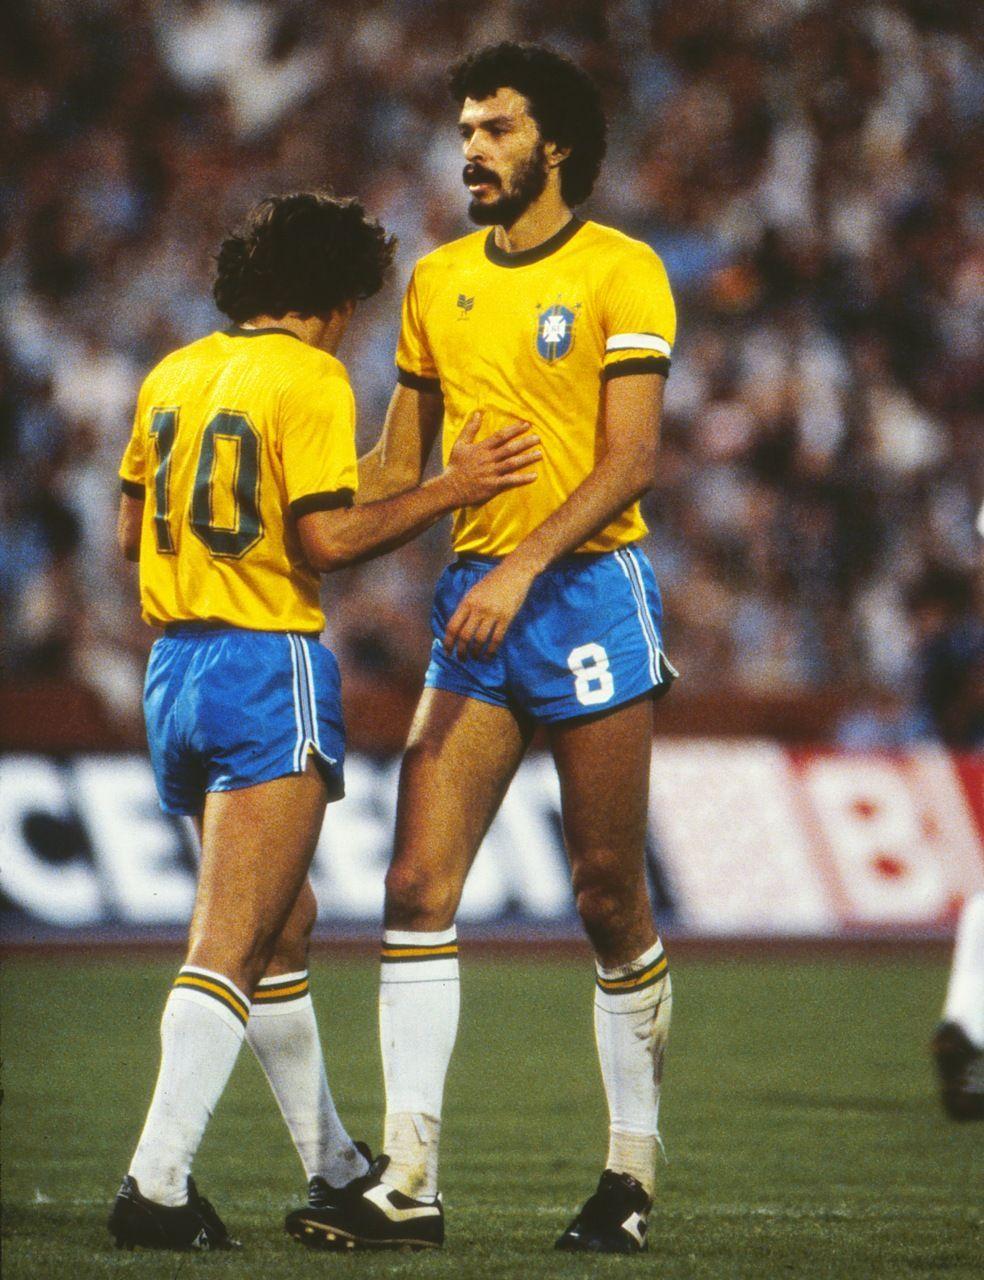 Pin De Ivanfla Em Seleção Brasil Seleção Brasileira De Futebol Seleção Brasileira 1982 Zico